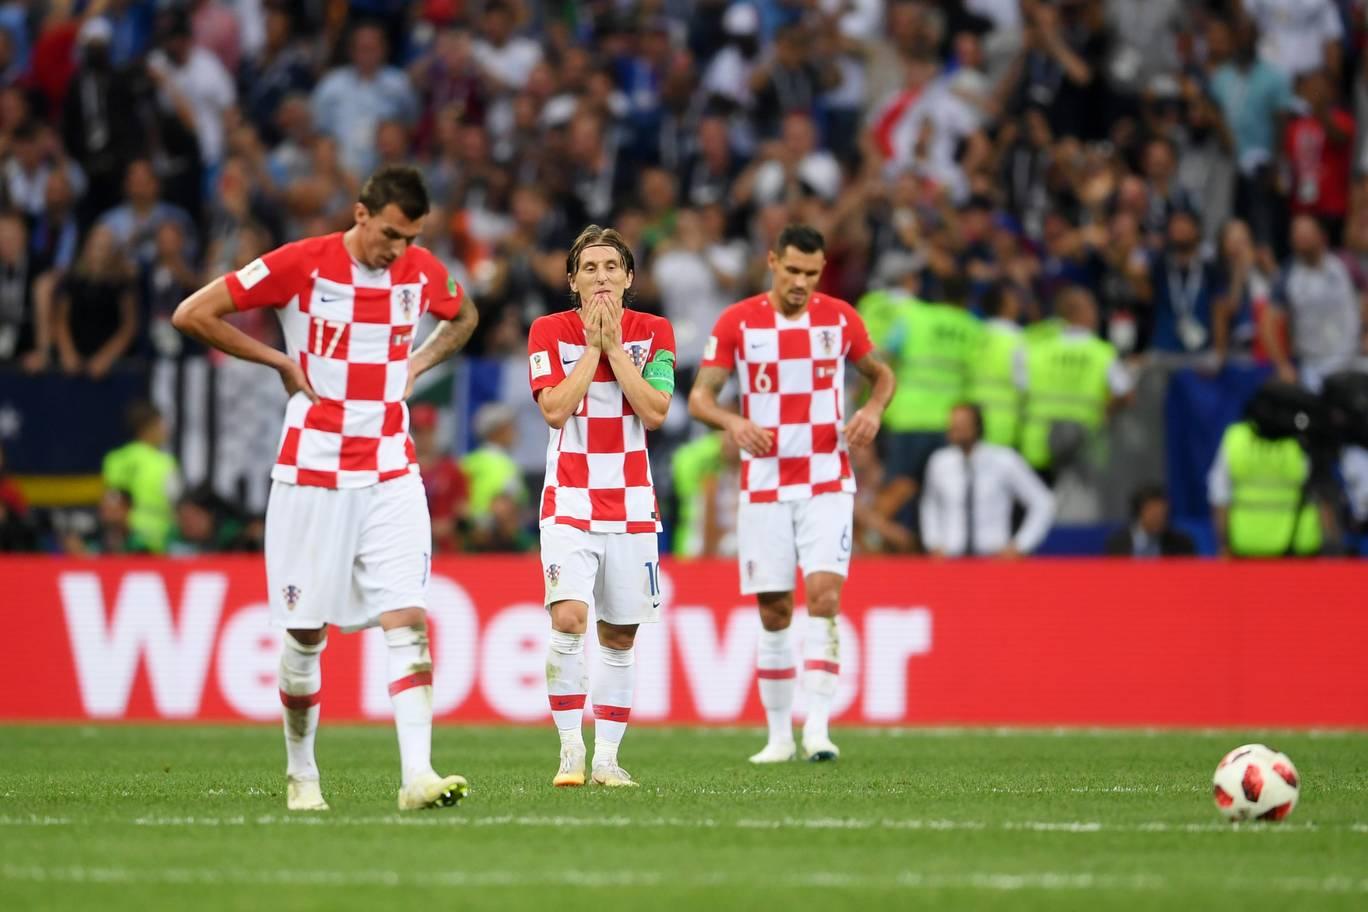 Para penggawa Kroasia bersedih setelah gagal mempersembahkan trofi Piala Dunia 2018 setelah dikalahkan Prancis 2-4 (theindependent.co.uk)